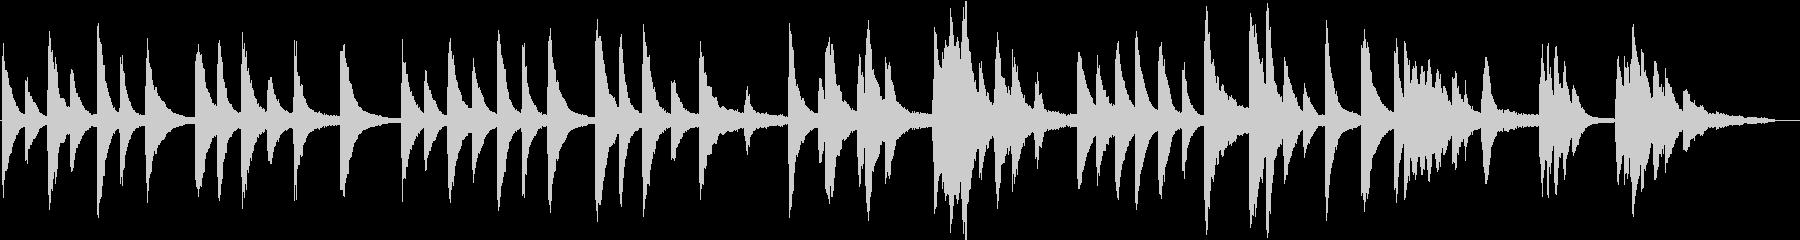 厳かな感じのゆったりとしたピアノソロの未再生の波形